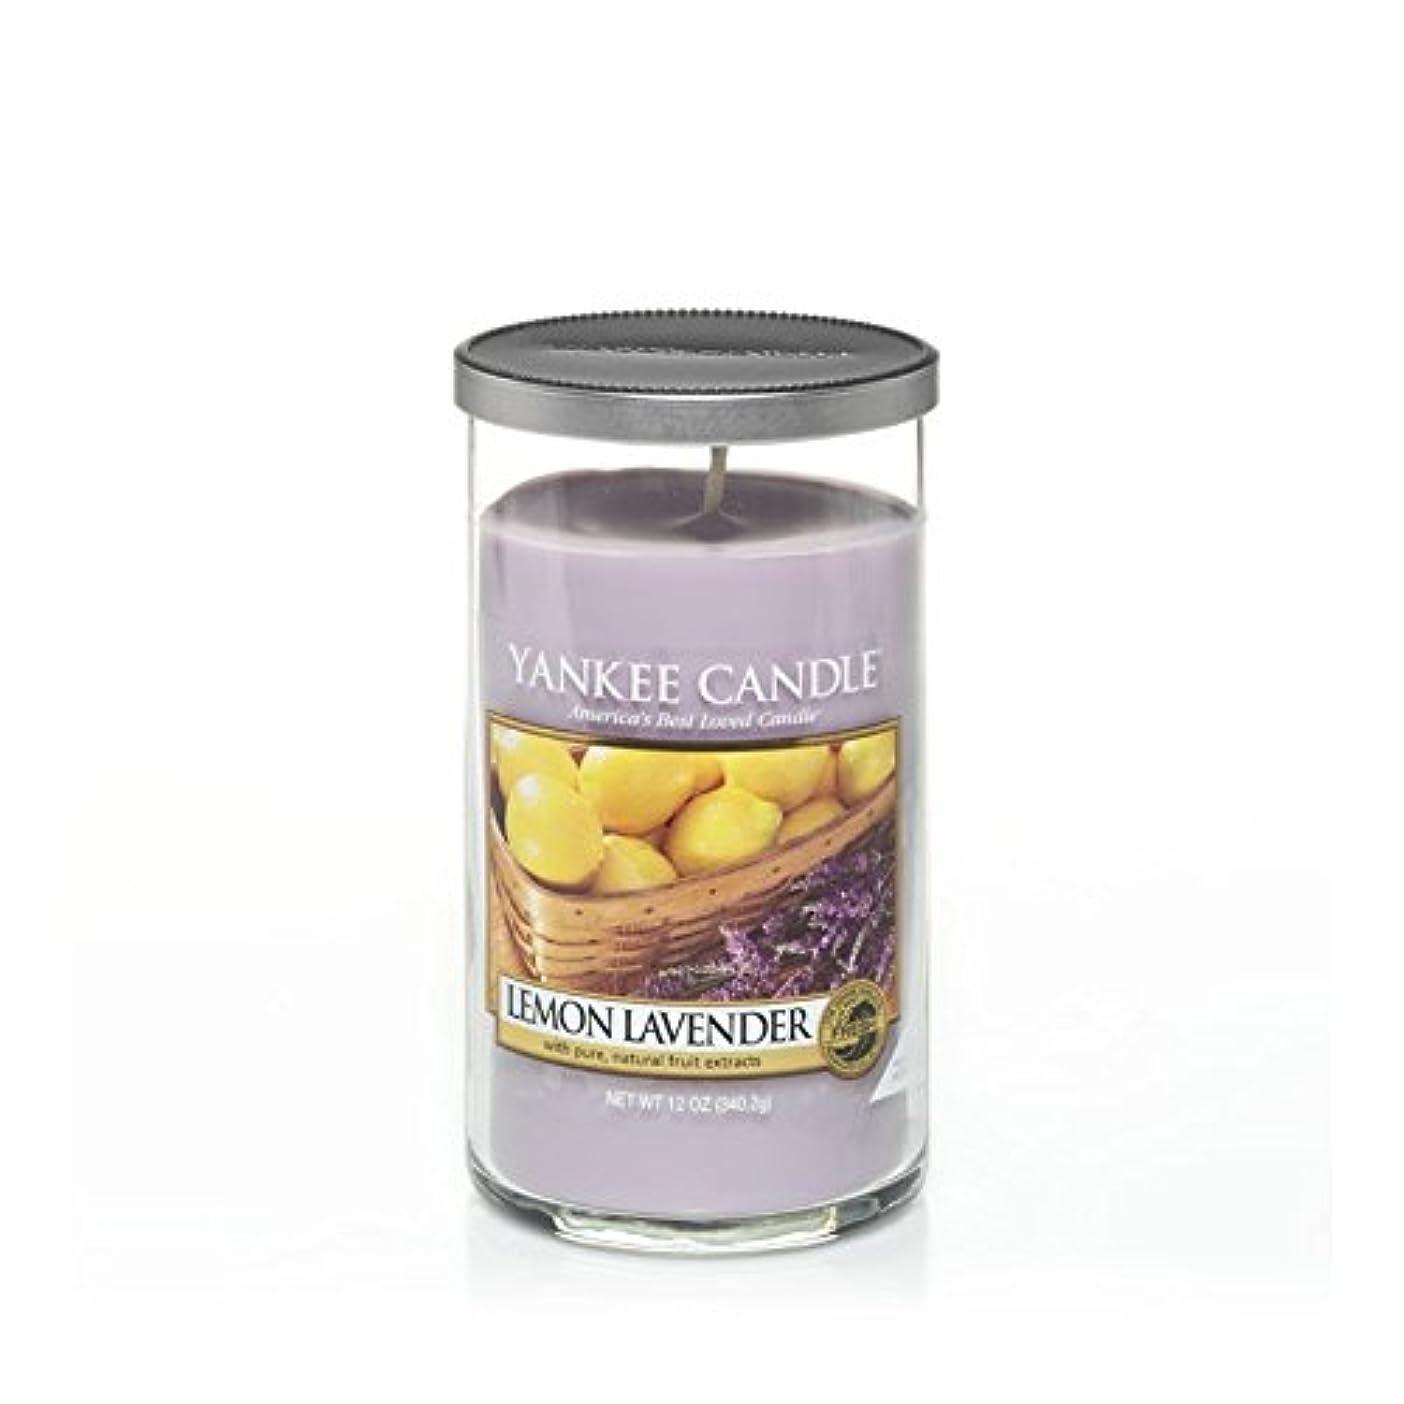 人物独立祝福するヤンキーキャンドルメディアピラーキャンドル - レモンラベンダー - Yankee Candles Medium Pillar Candle - Lemon Lavender (Yankee Candles) [並行輸入品]